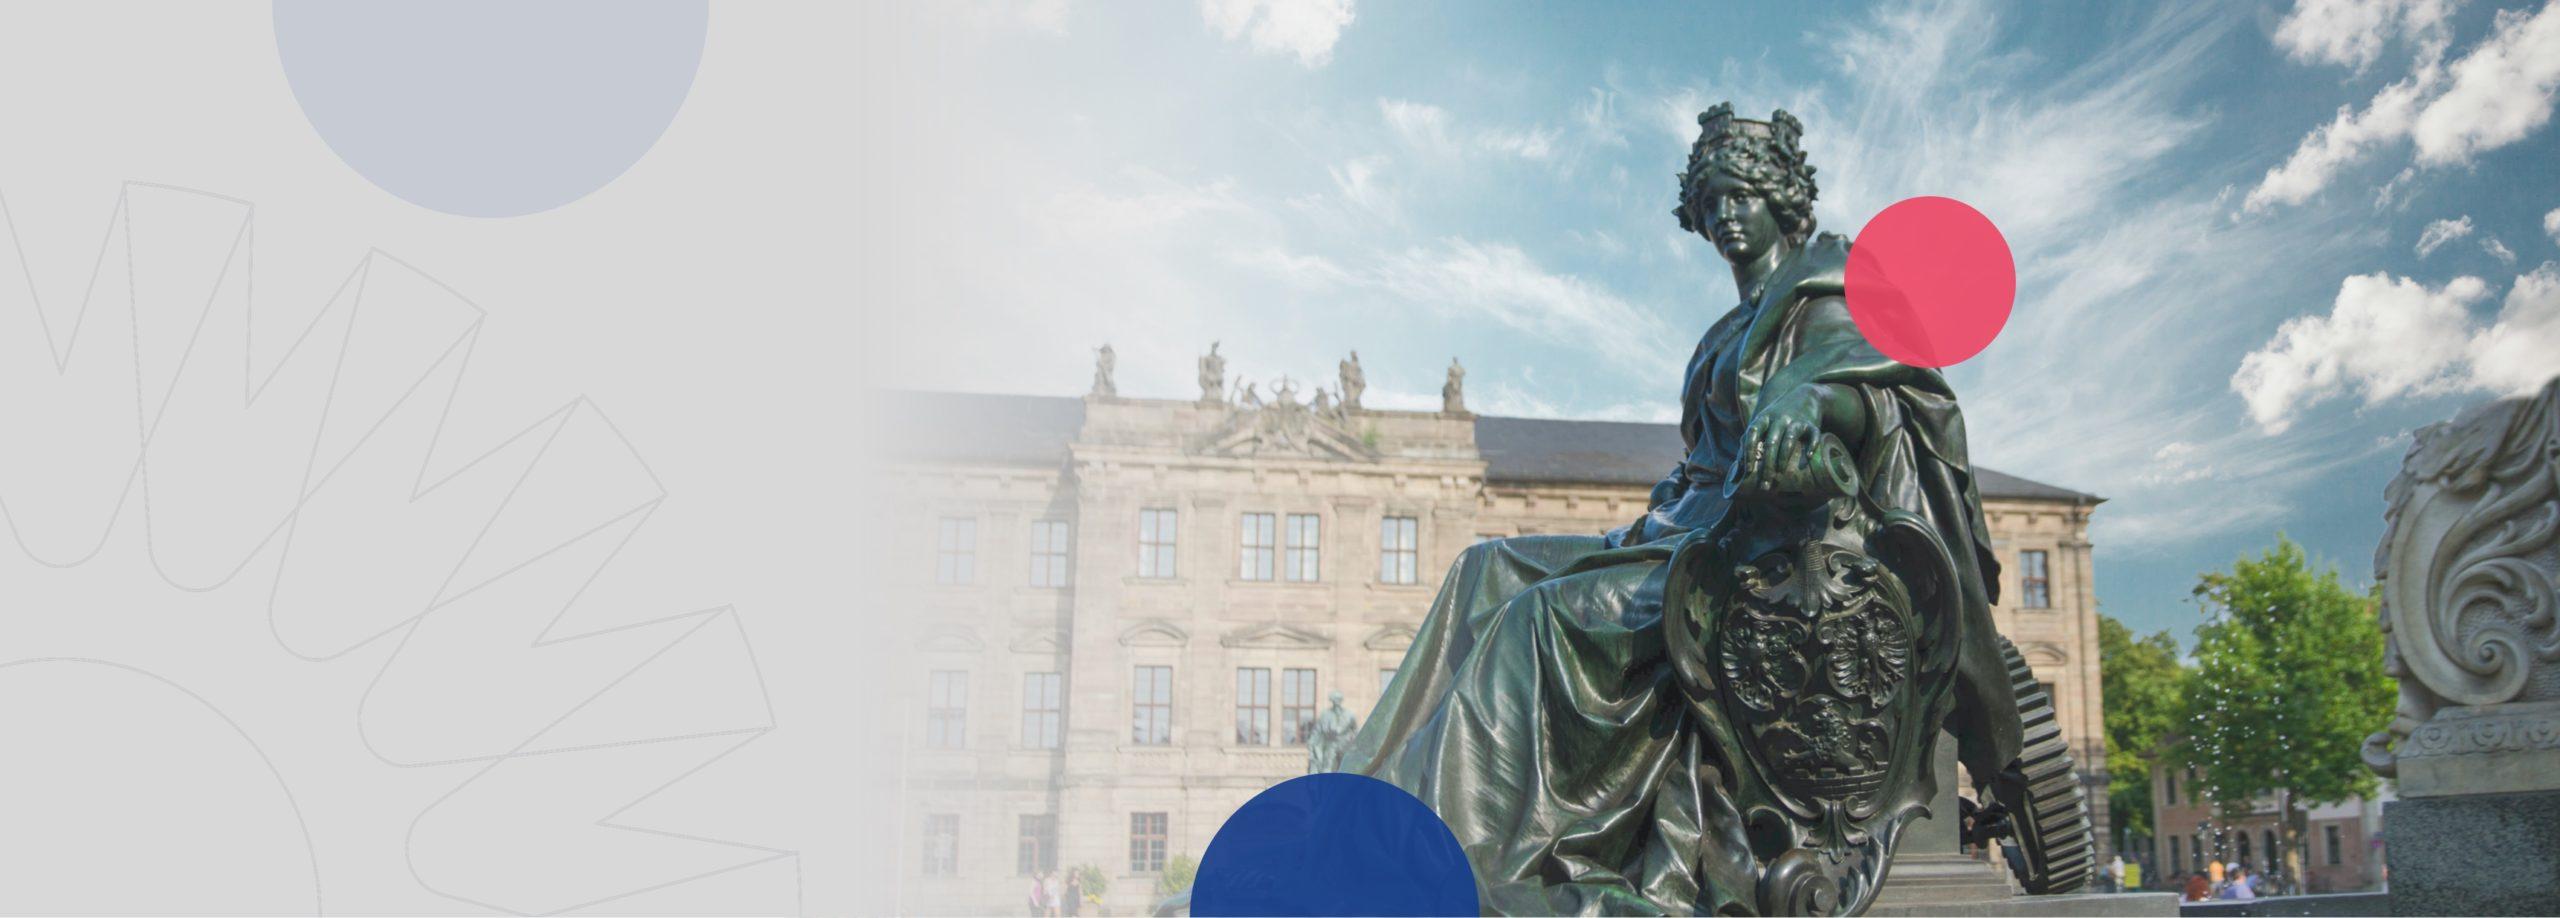 1. Erlanger Schloss Symposium 2020